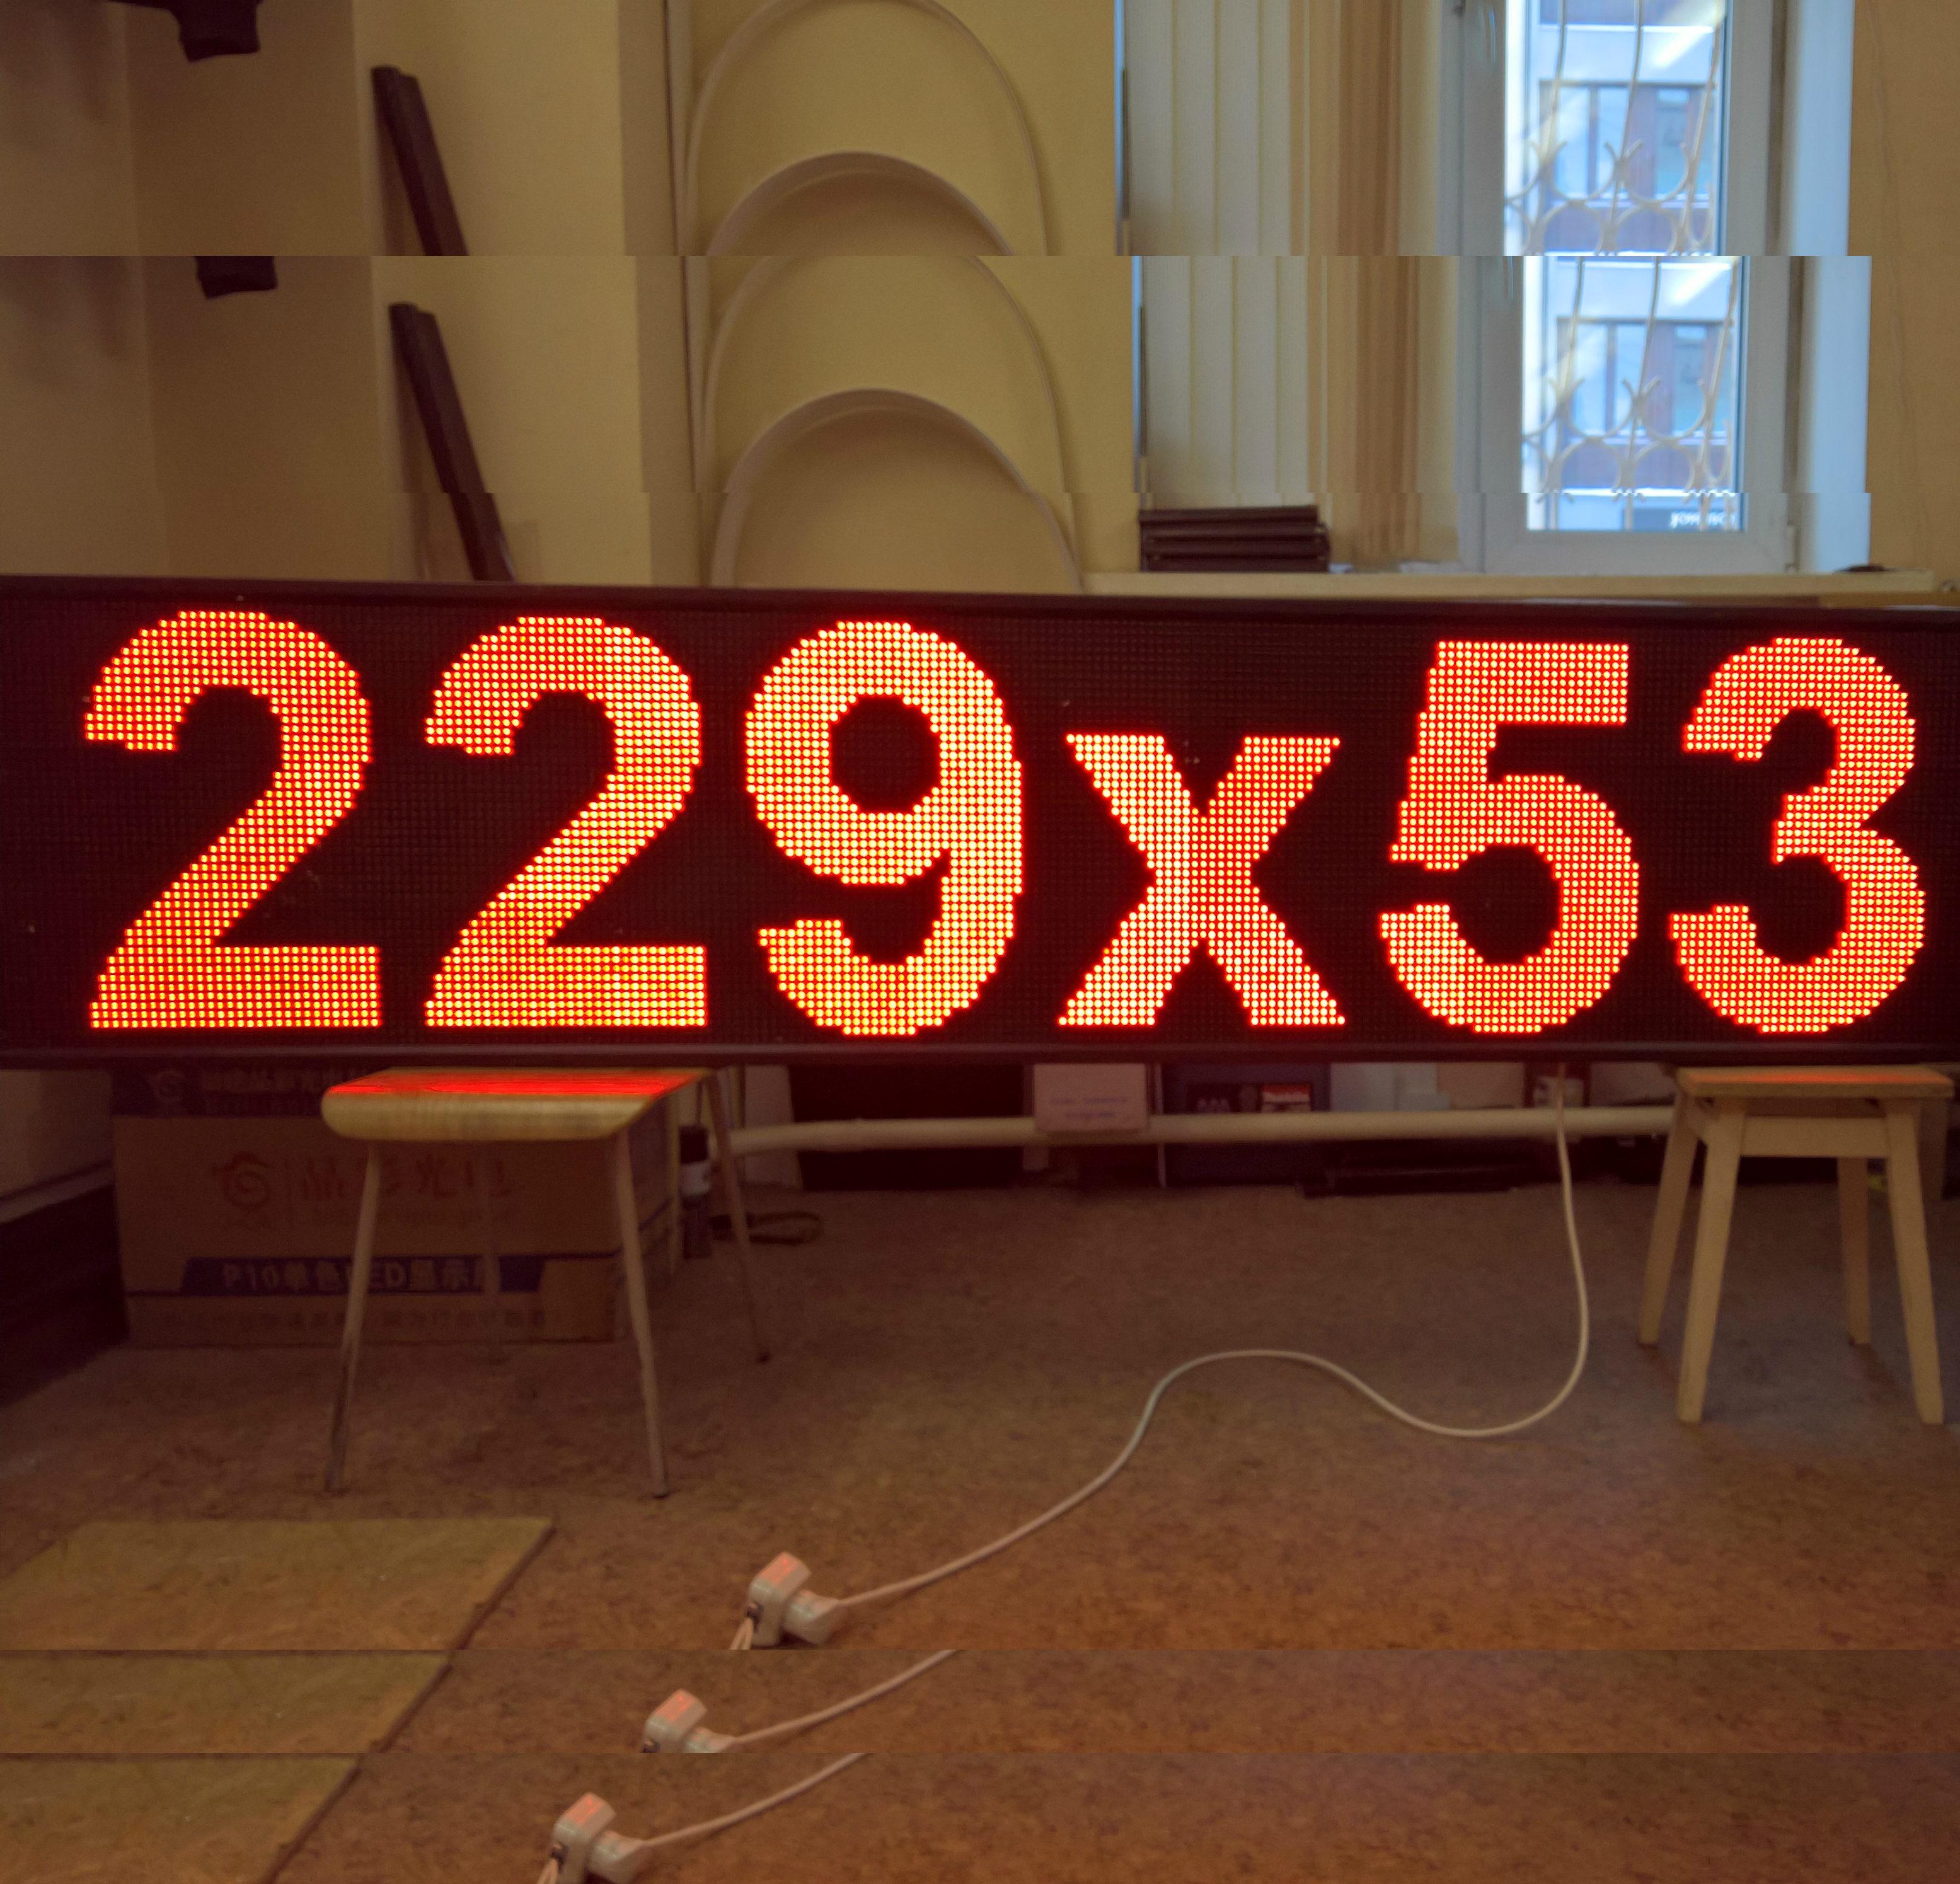 бегущая строка краснакя 229х53 см.